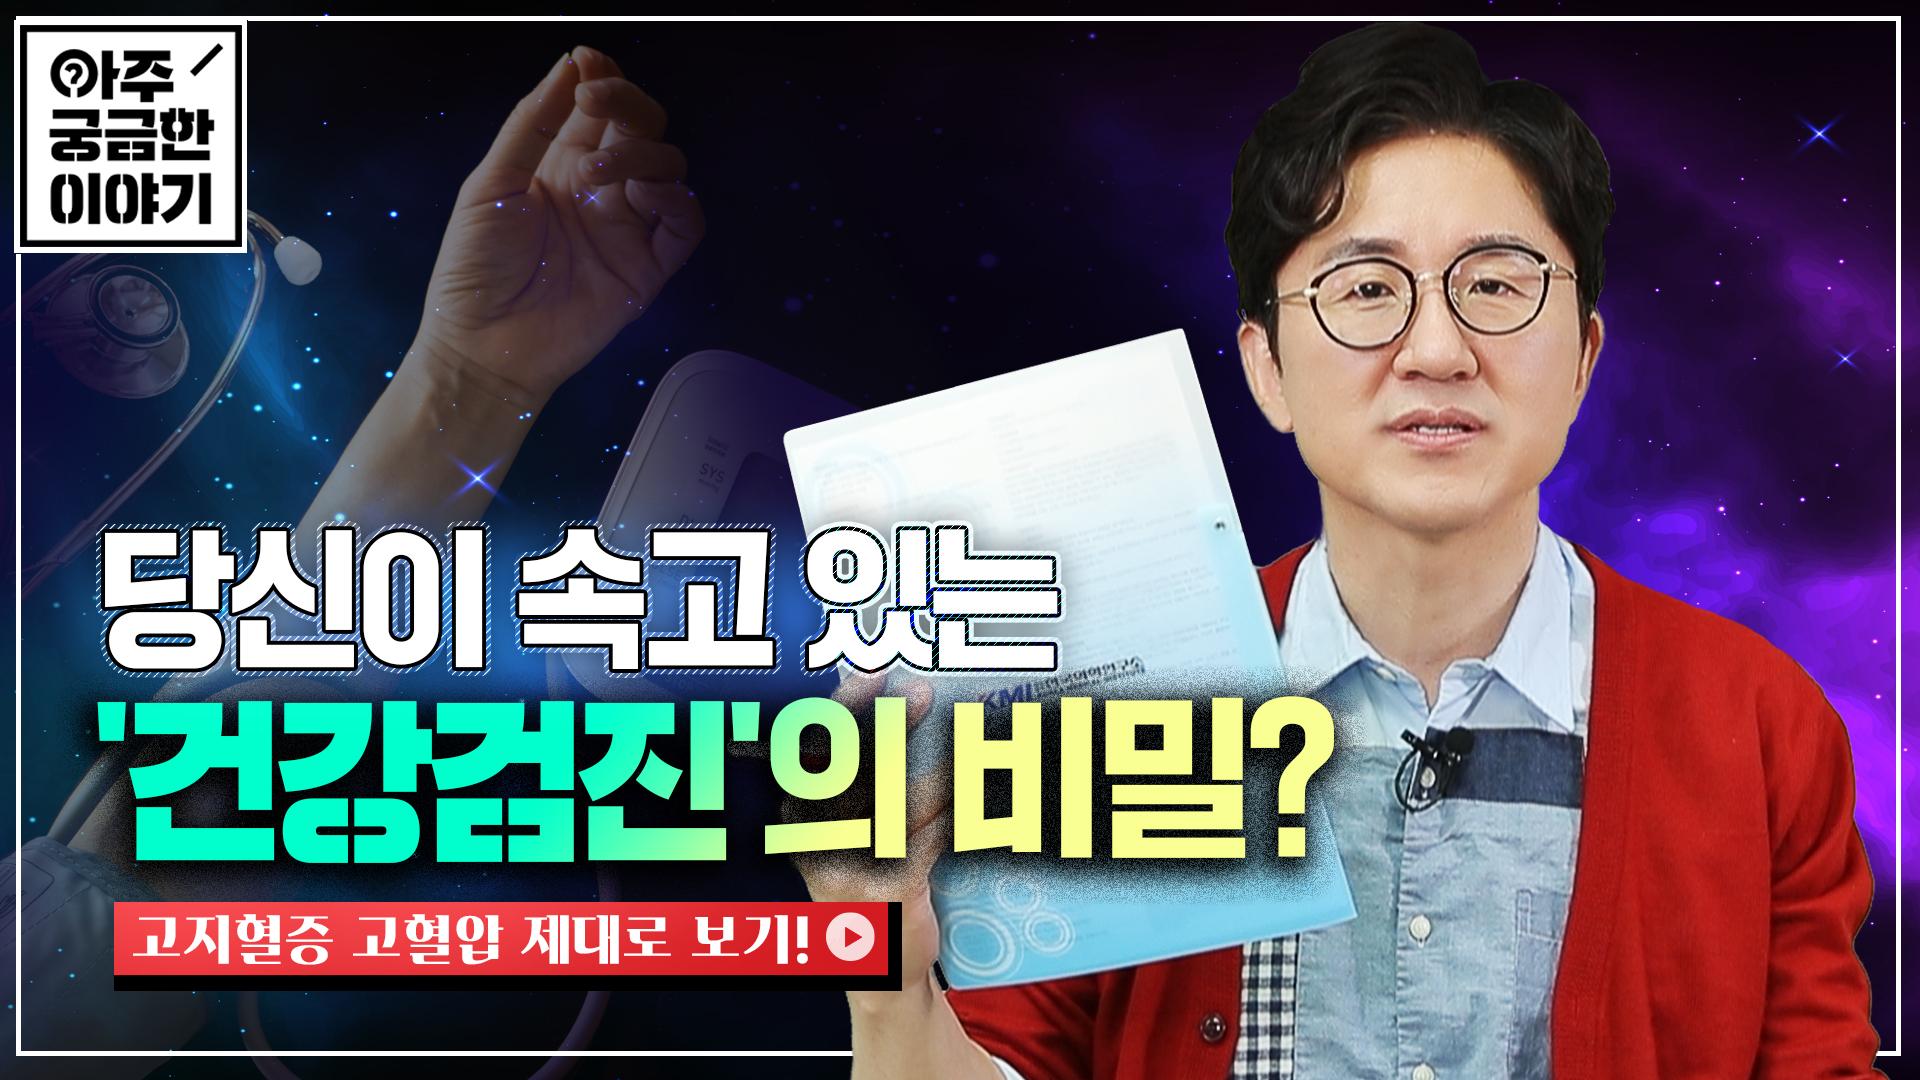 푸하하TV 브랜드 영상912